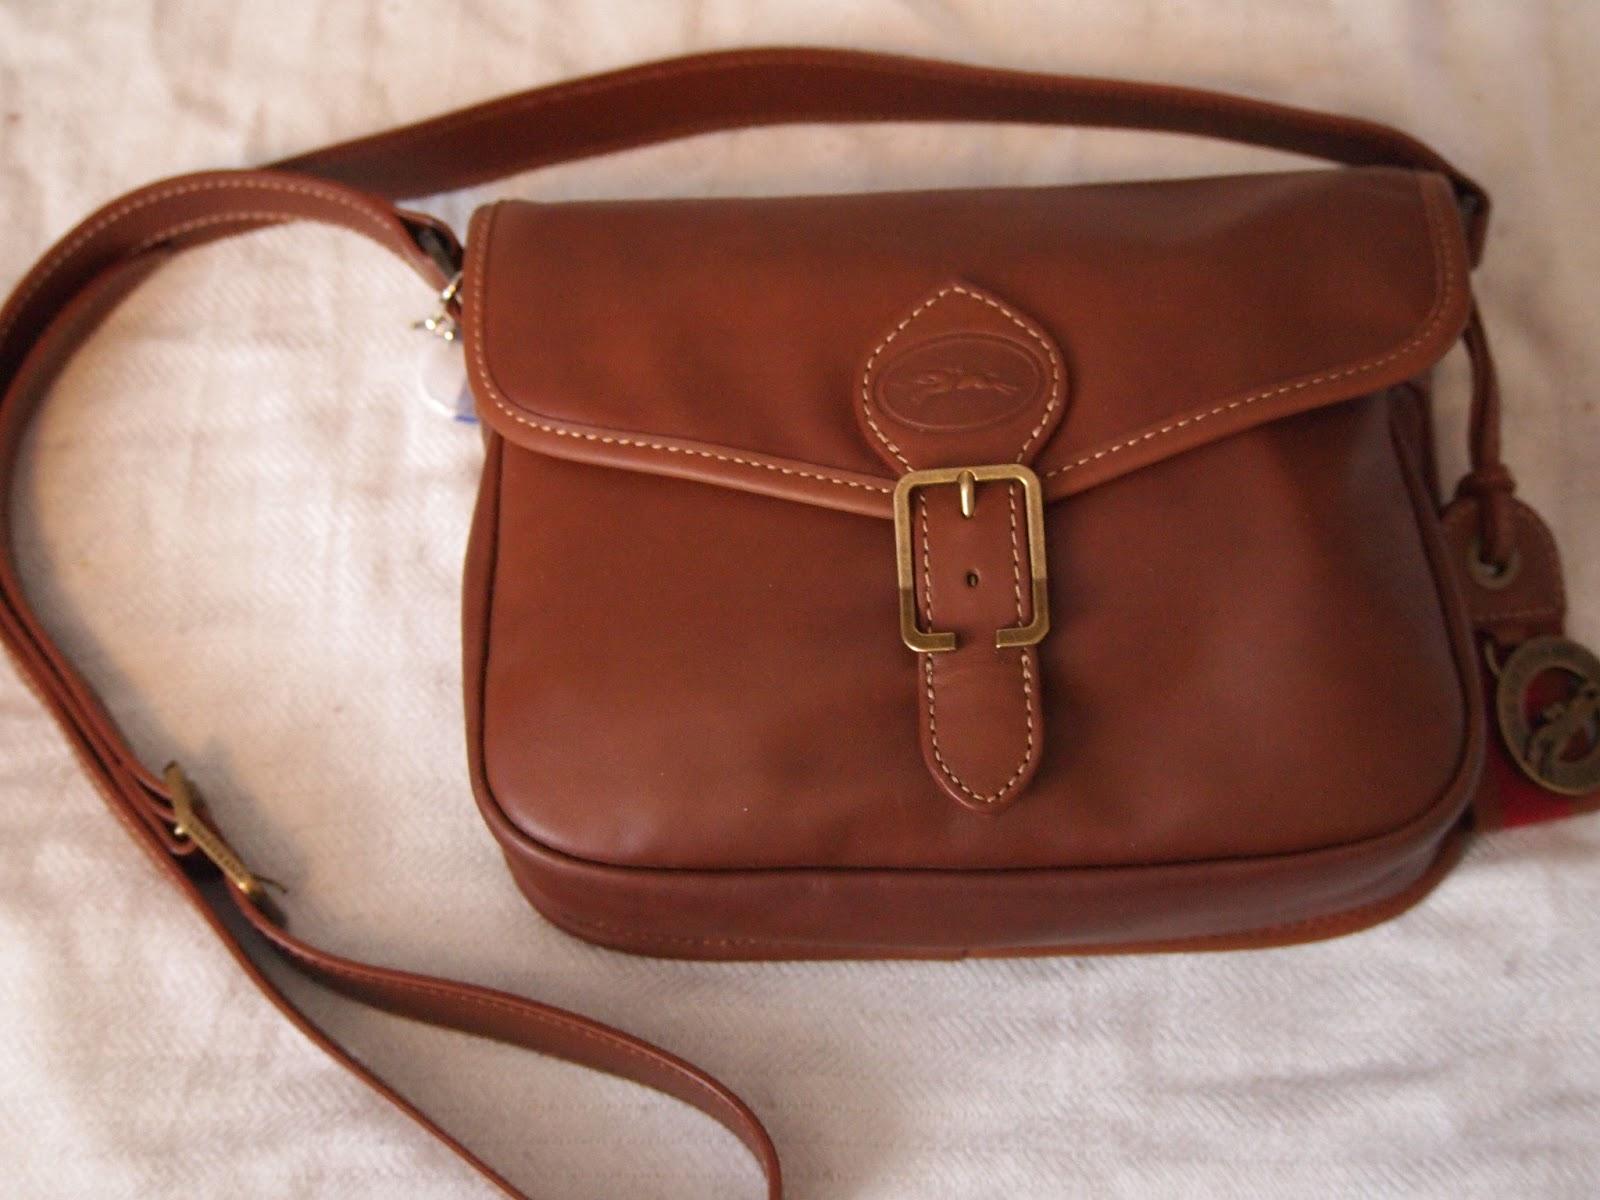 Nahkaiset Longchamp Laukut : Xl el?m?? longchamp au sultan messenger bag